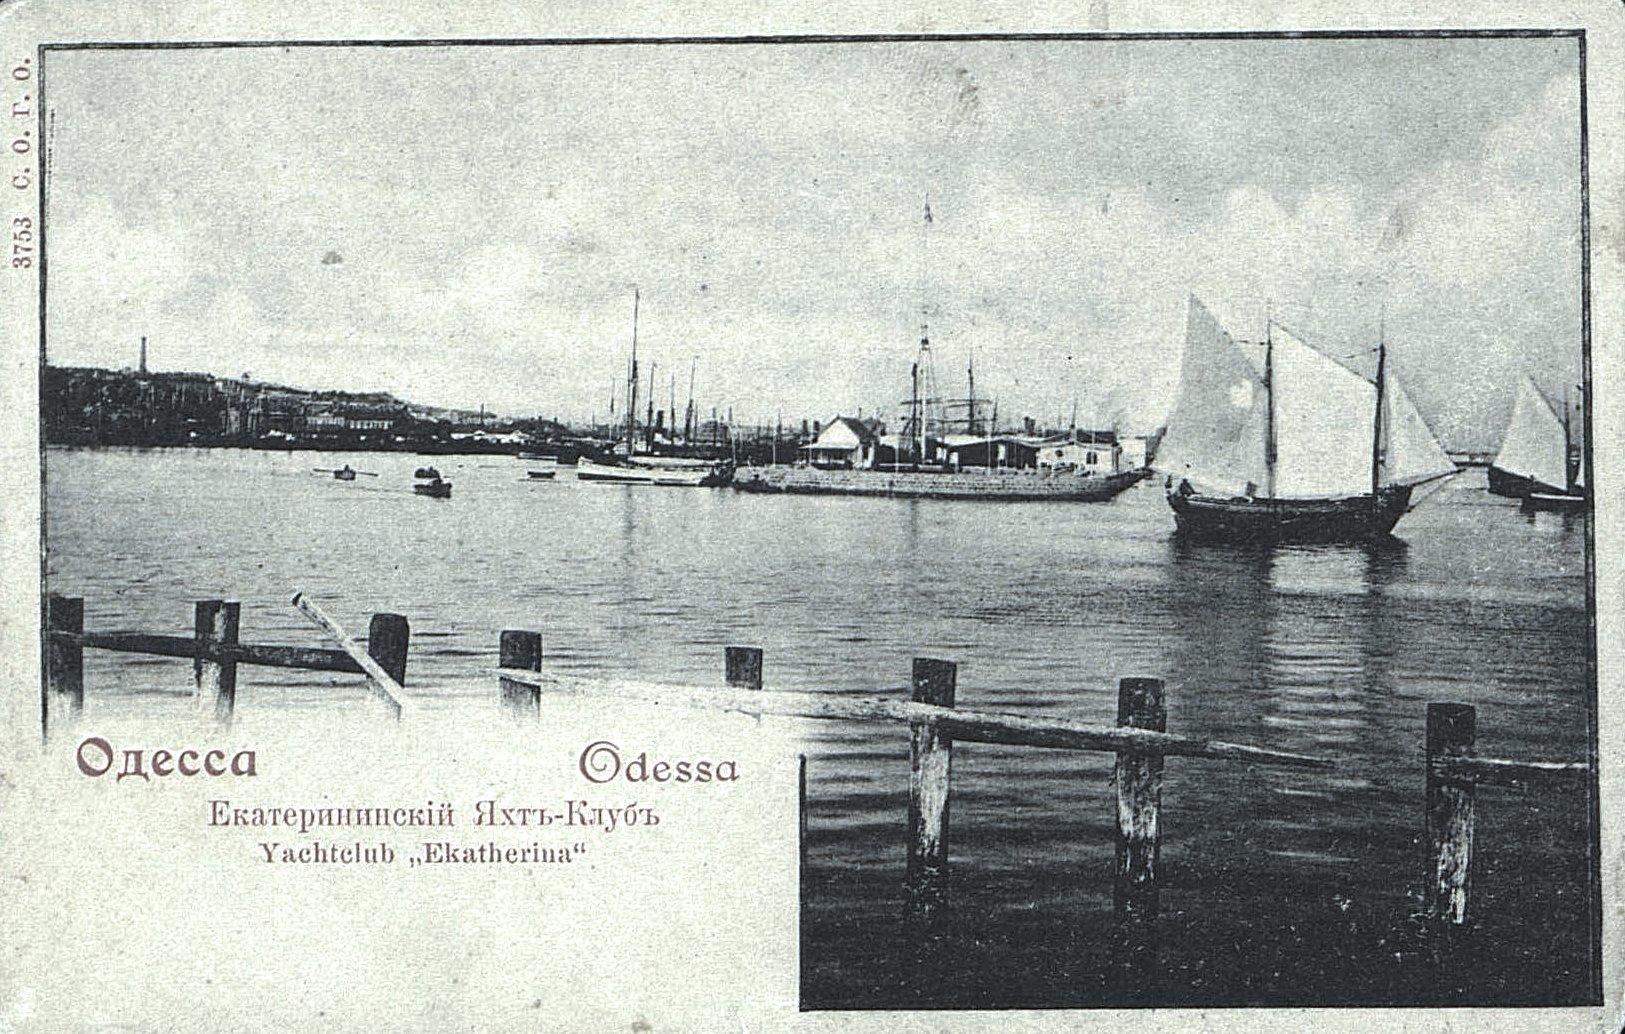 Екатерининский яхт-клуб.